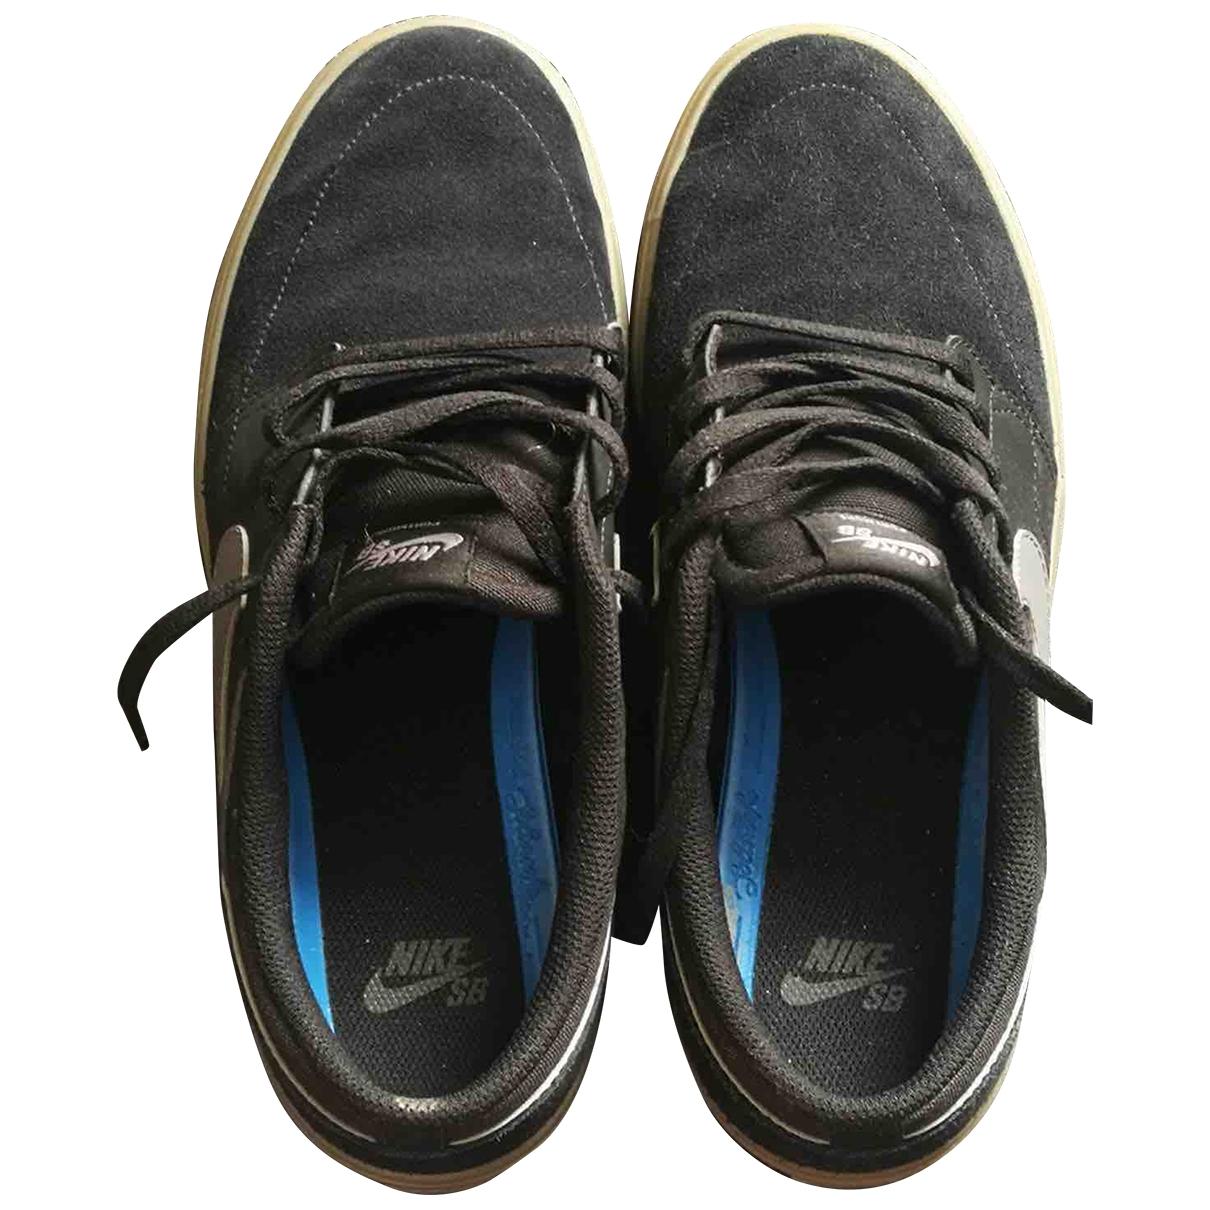 Nike - Baskets   pour homme en suede - noir